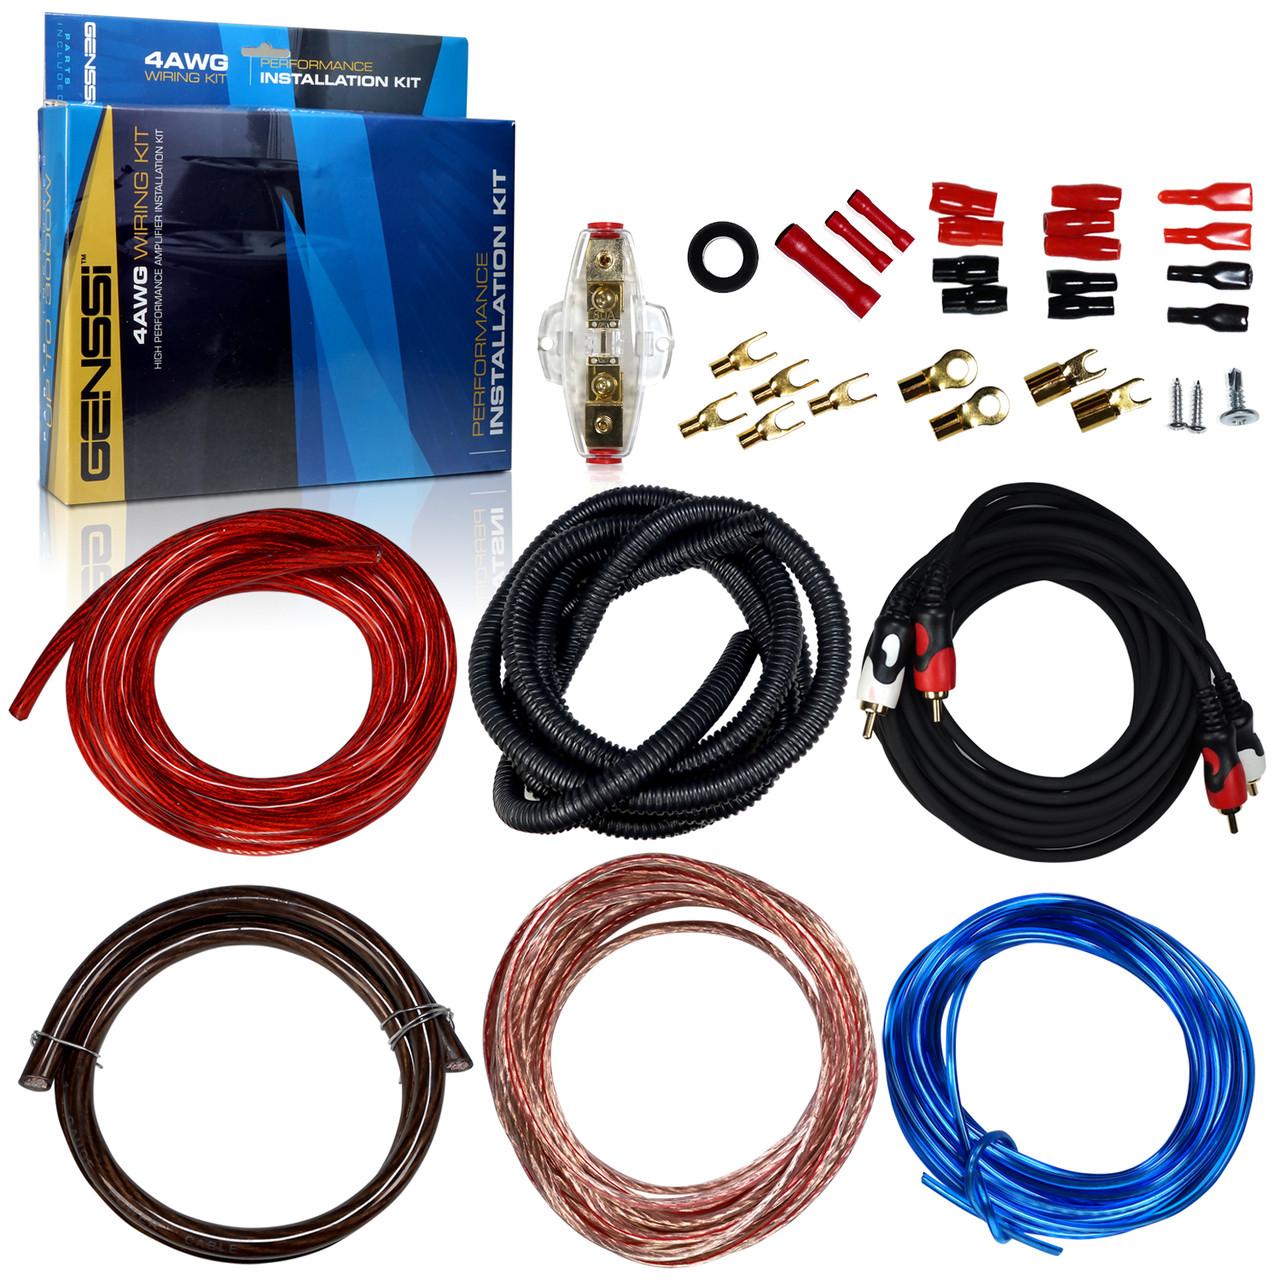 4 Gauge Wiring Kit Car Audio Wiring Diagram Show